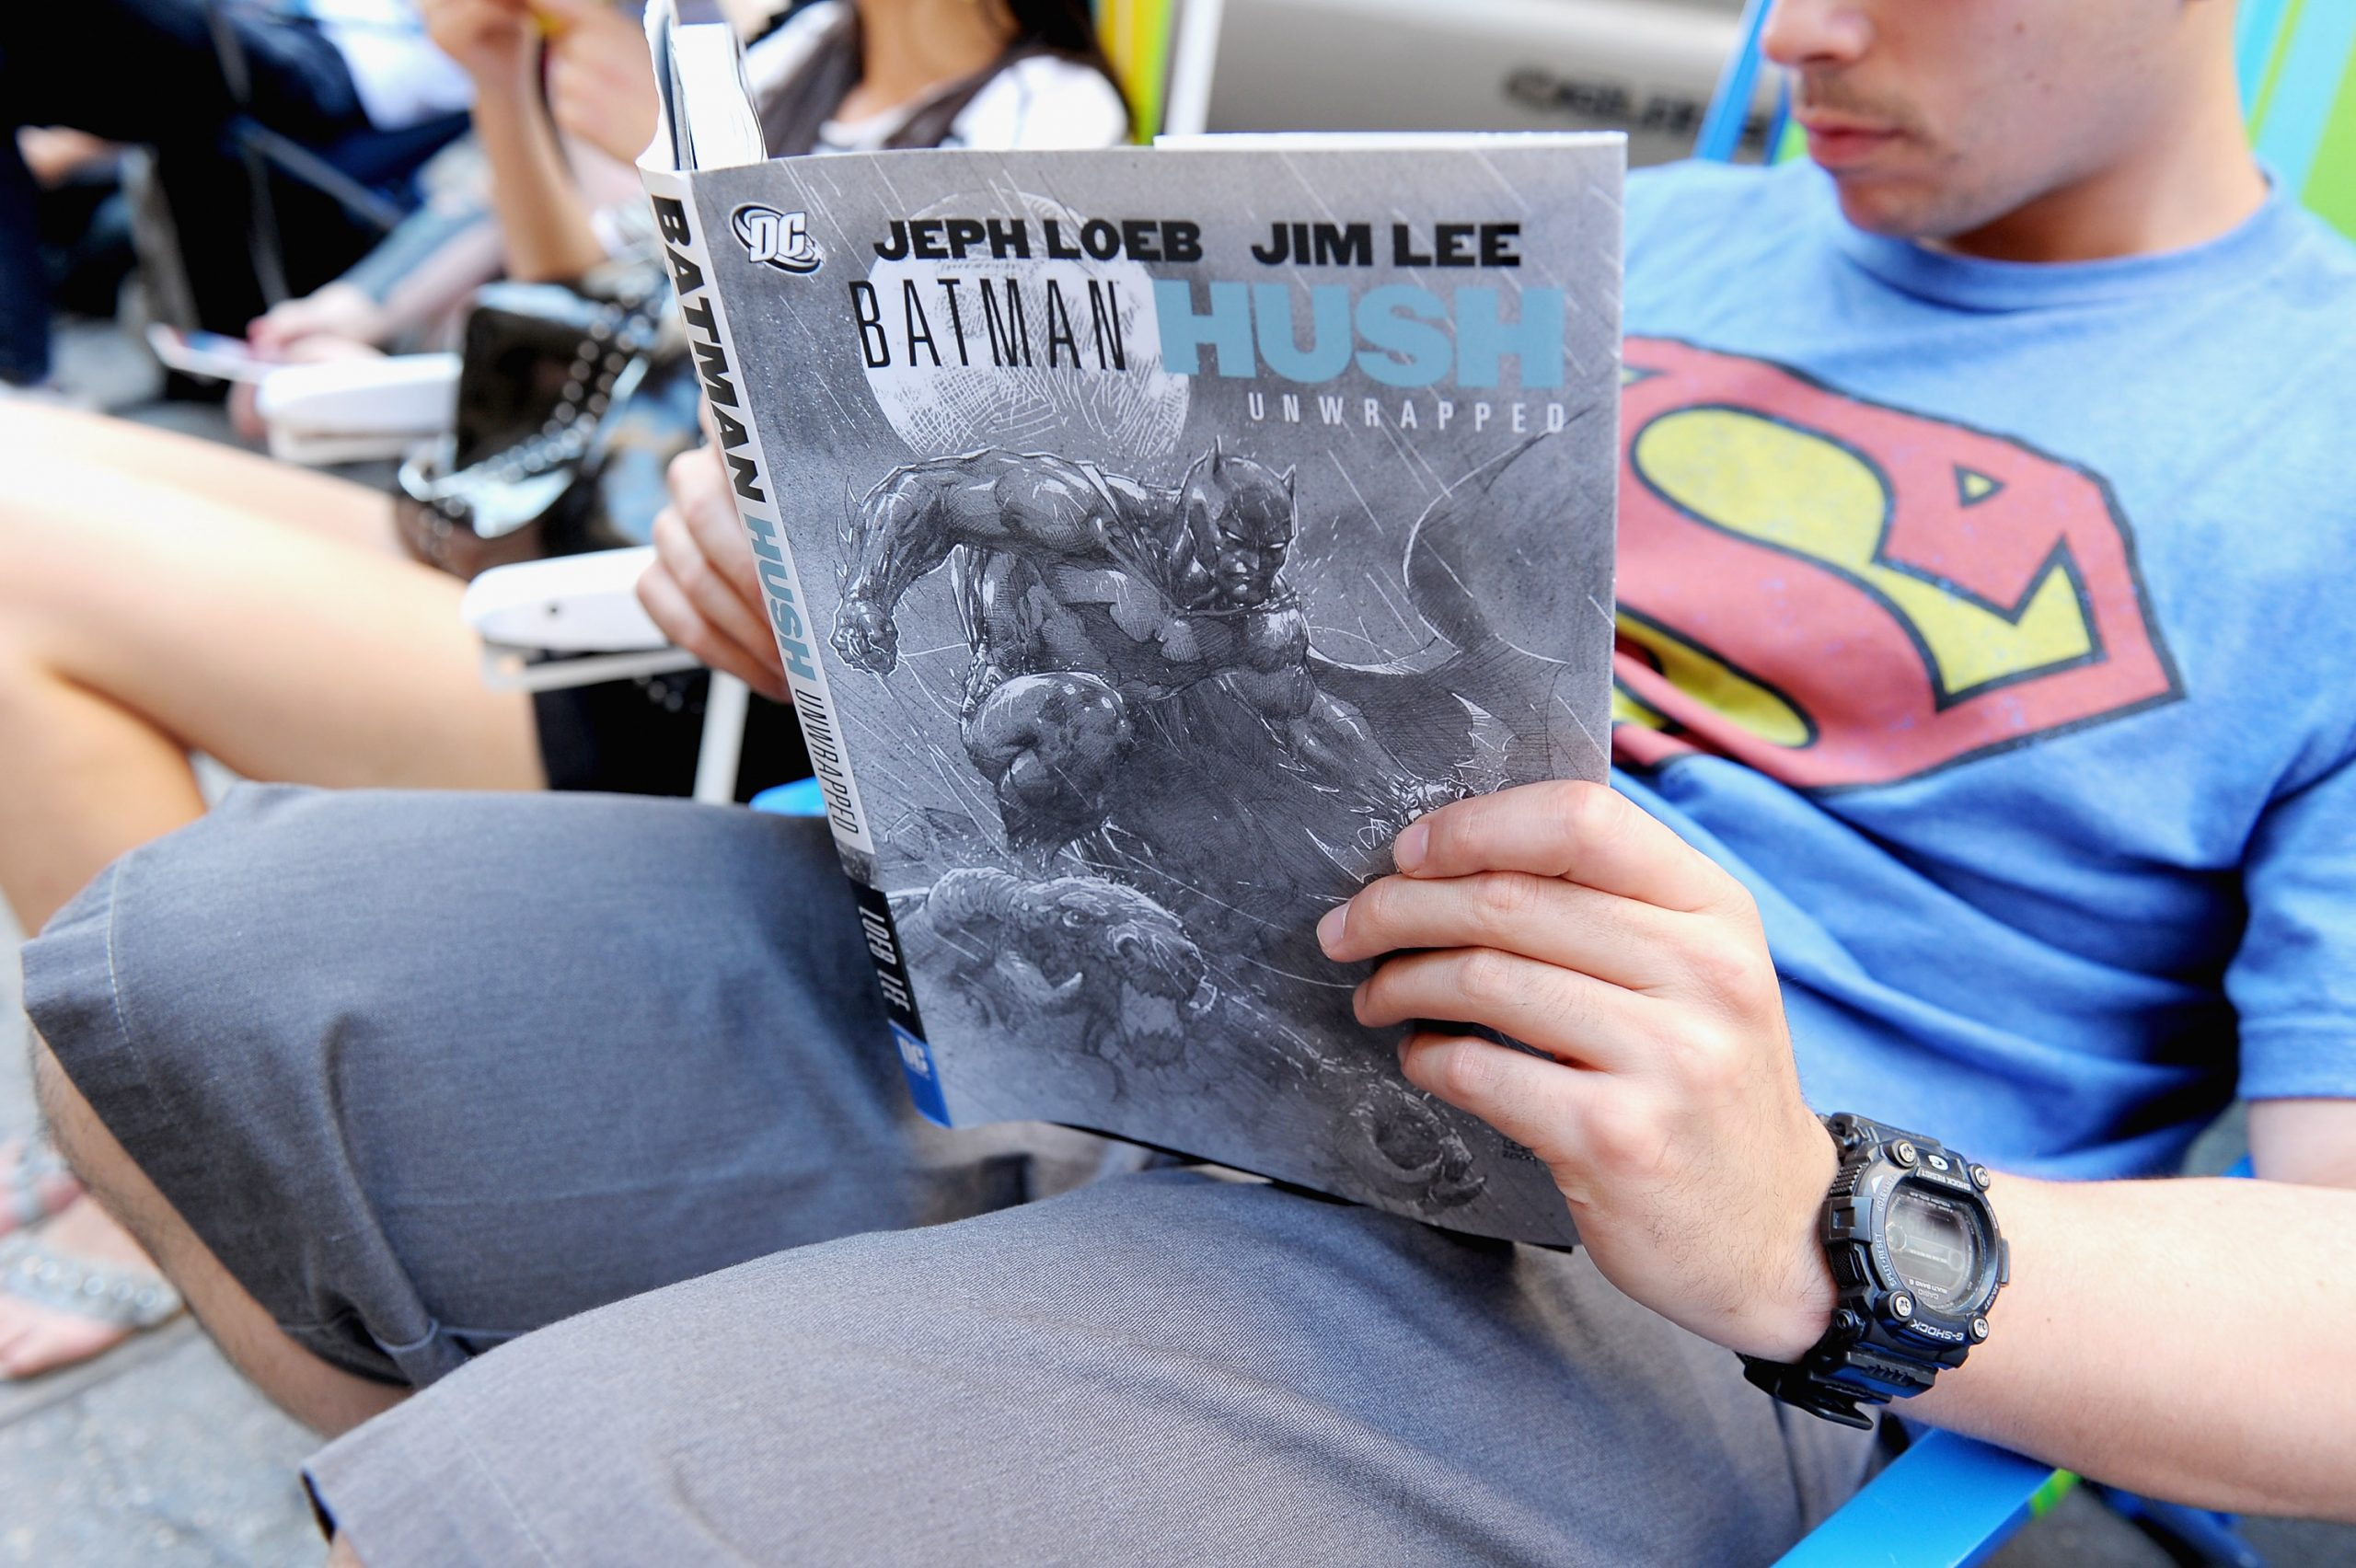 Crossovers brgs: Ozzy Osbourne, Megadeth y más aparecerán en los cómics de DC